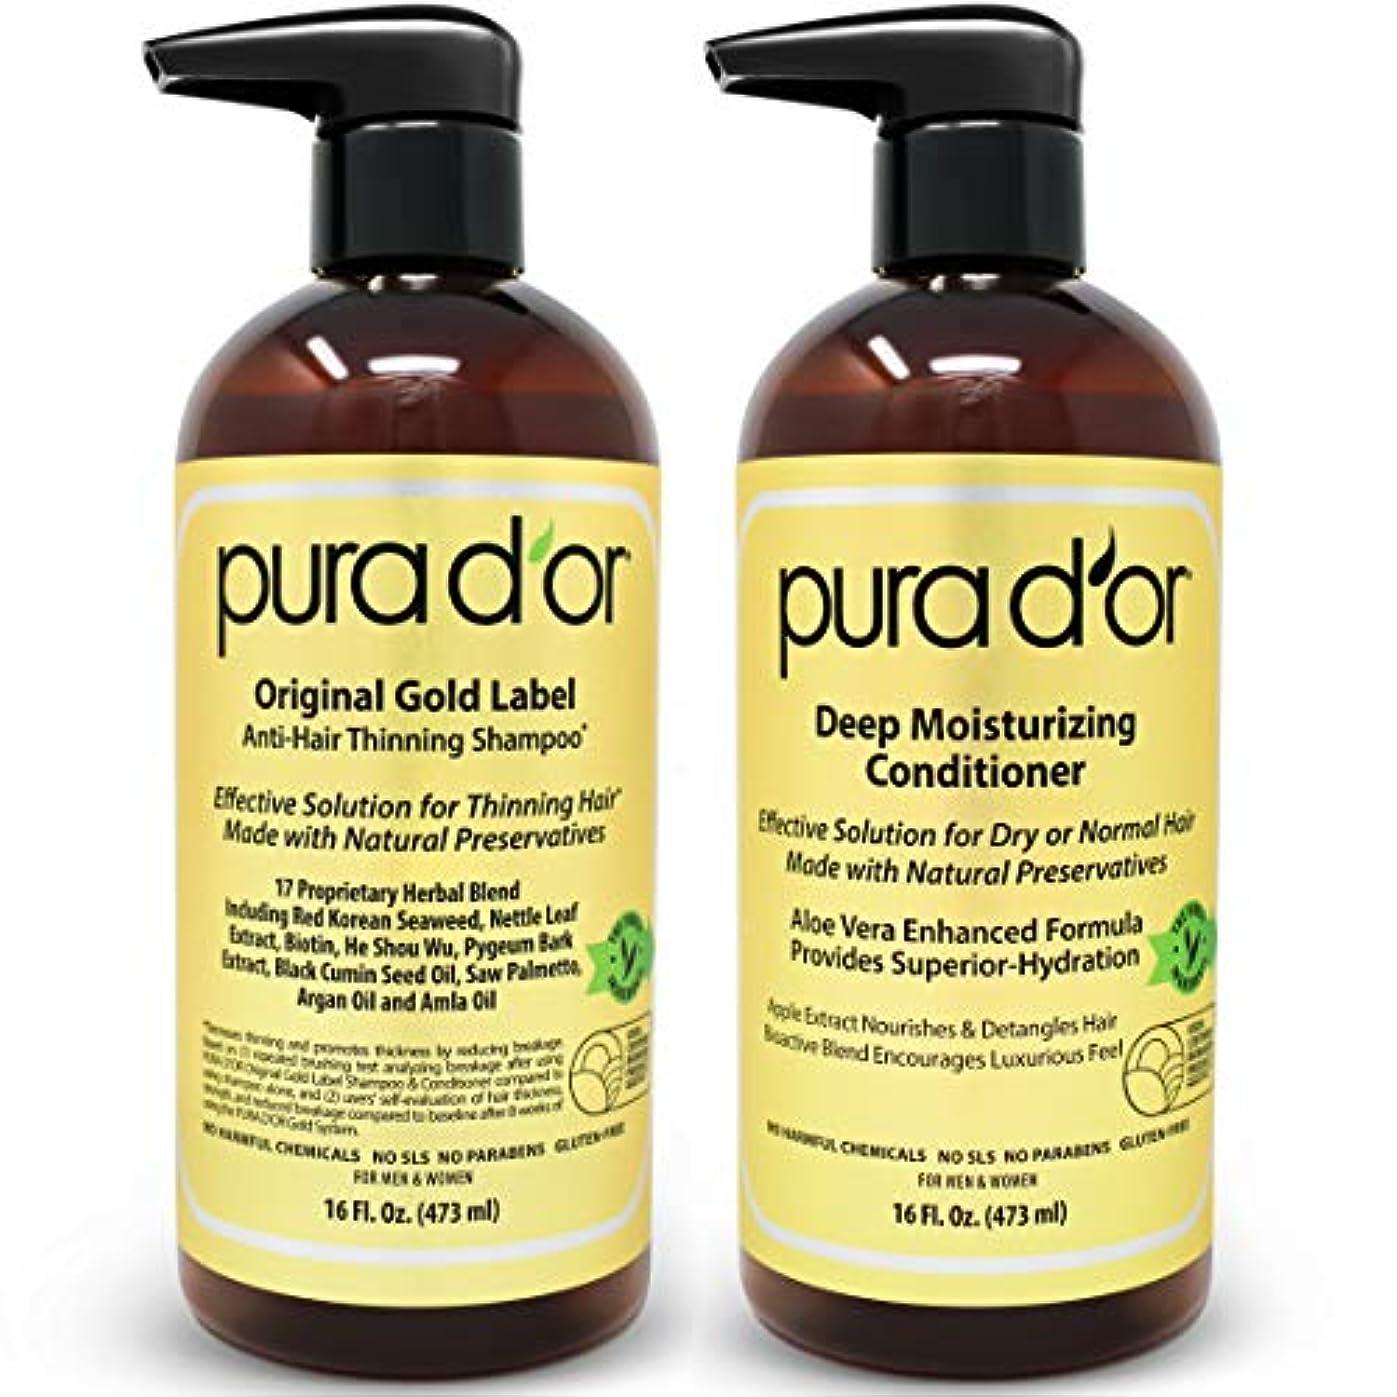 毛布見えるそこからPURA D'OR オリジナル ゴールド ラベル 薄毛予防用 -臨床実験済み -アルガンオイル、ビオチン、天然原料、硫酸系化合物不使用、全髪タイプに、男性&女性用(パッケージは異なる場合があります) シャンプー&コンディショナー